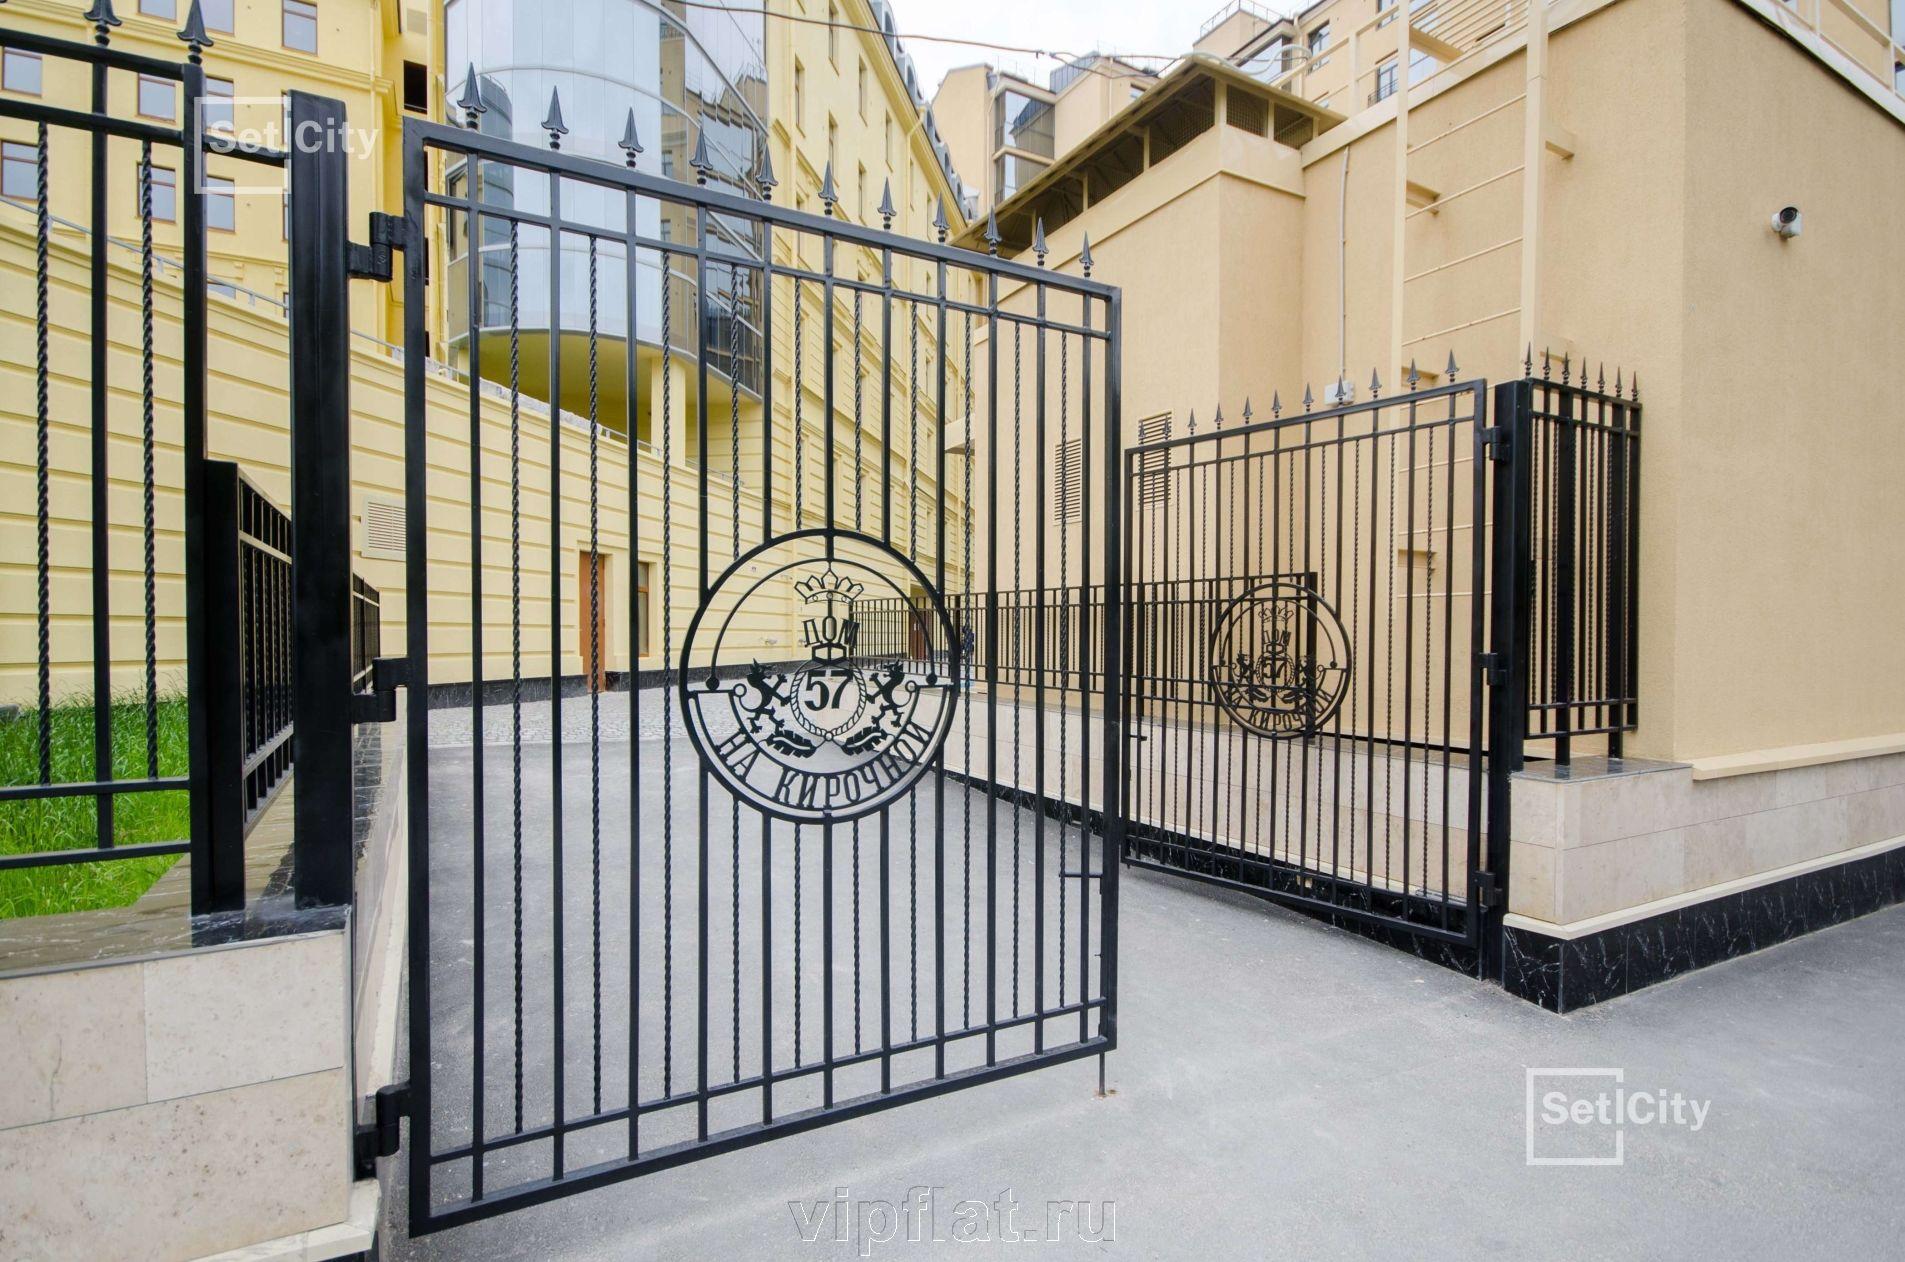 Продажа элитных квартир Санкт-Петербурга. Кирочная улица, 57 Закрытая территория